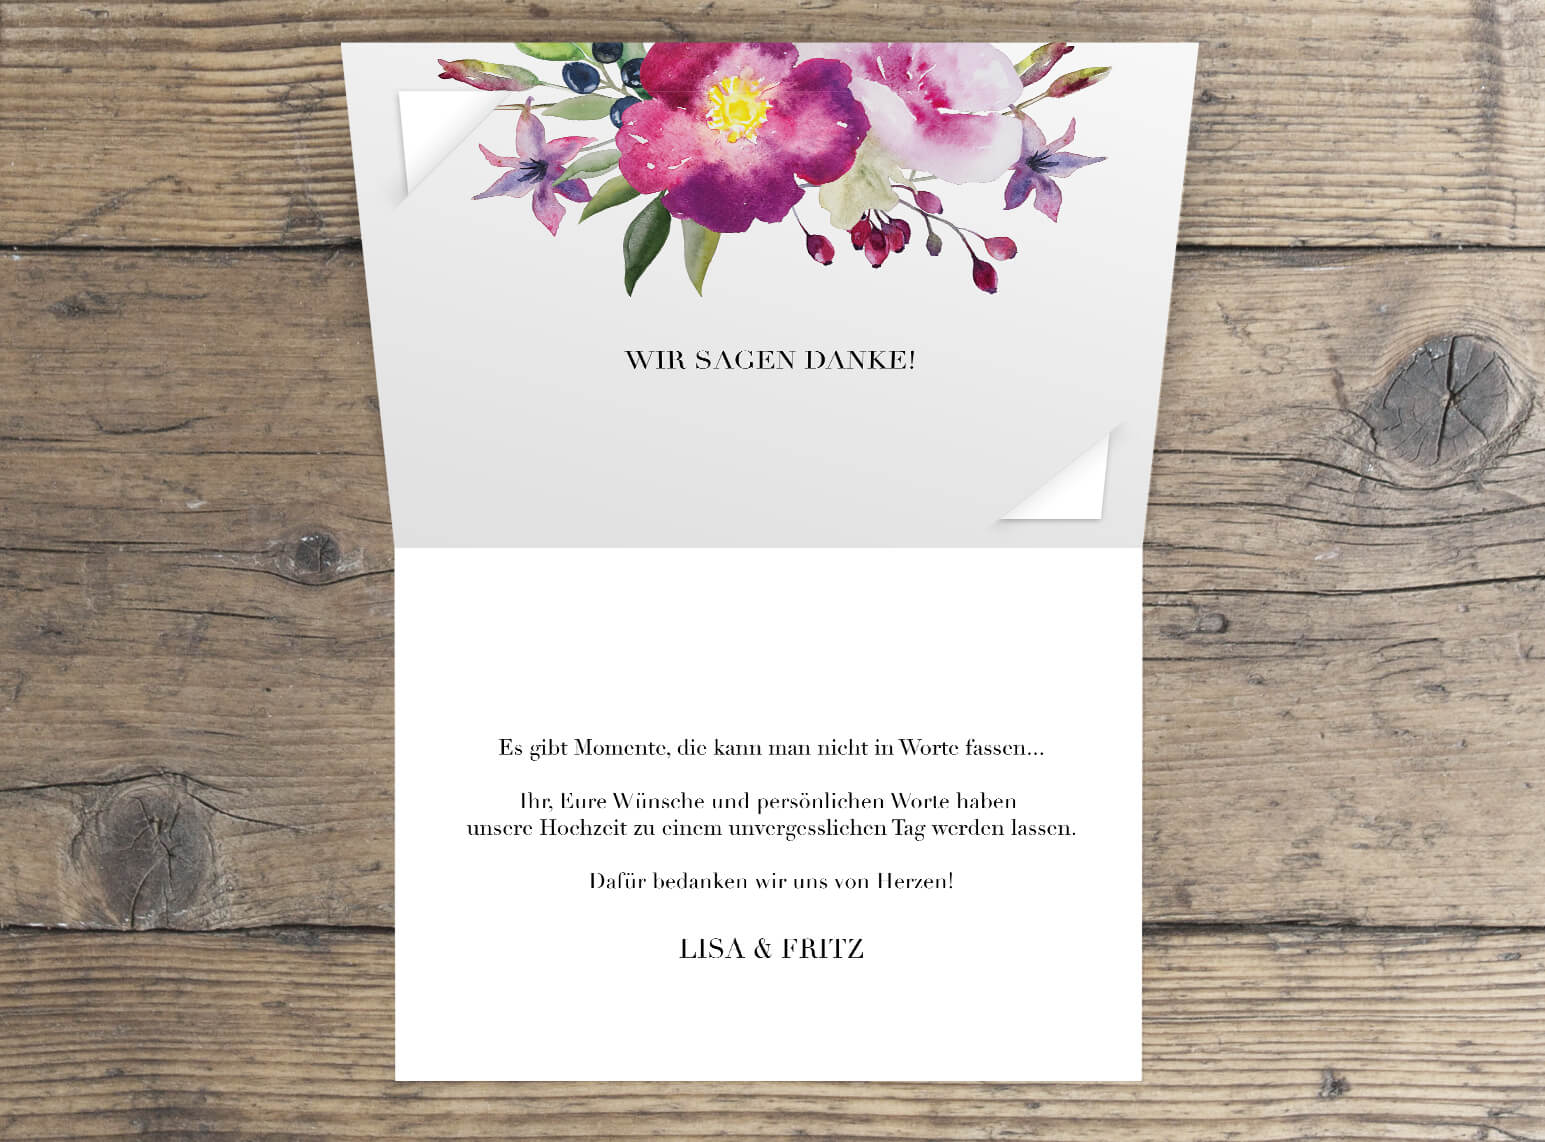 Dankesklappkarte im rosen Aquarell design Innenseite